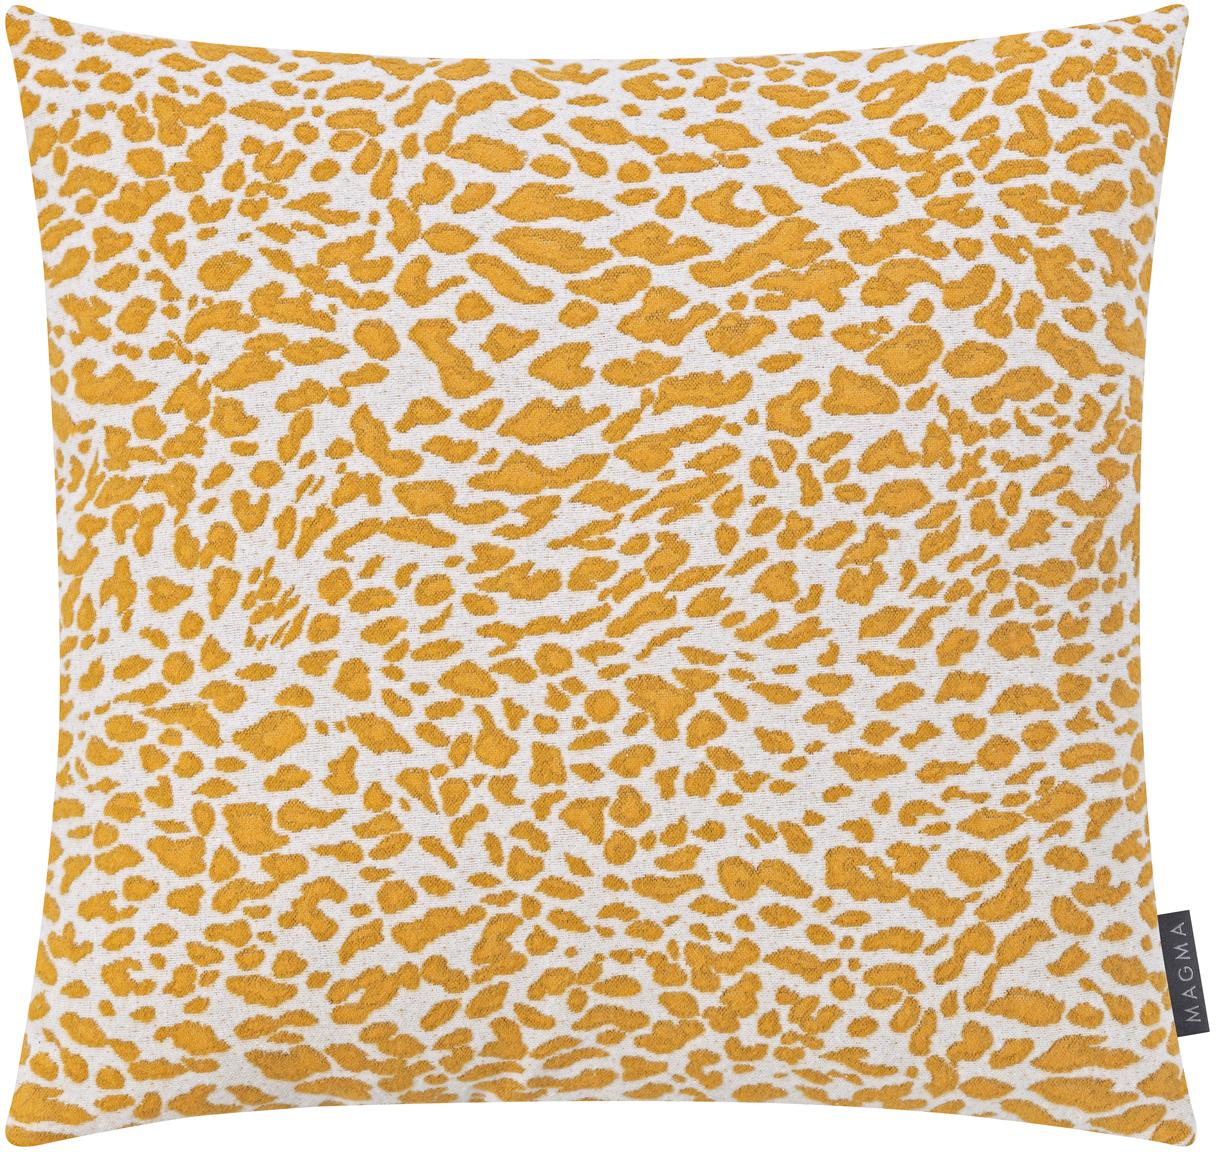 Kissenhülle Leopardo mit gelb/weißem Muster, Vorderseite: 59%Baumwolle, 41%Polyes, Webart: Jacquard, Senfgelb, Weiß, 50 x 50 cm